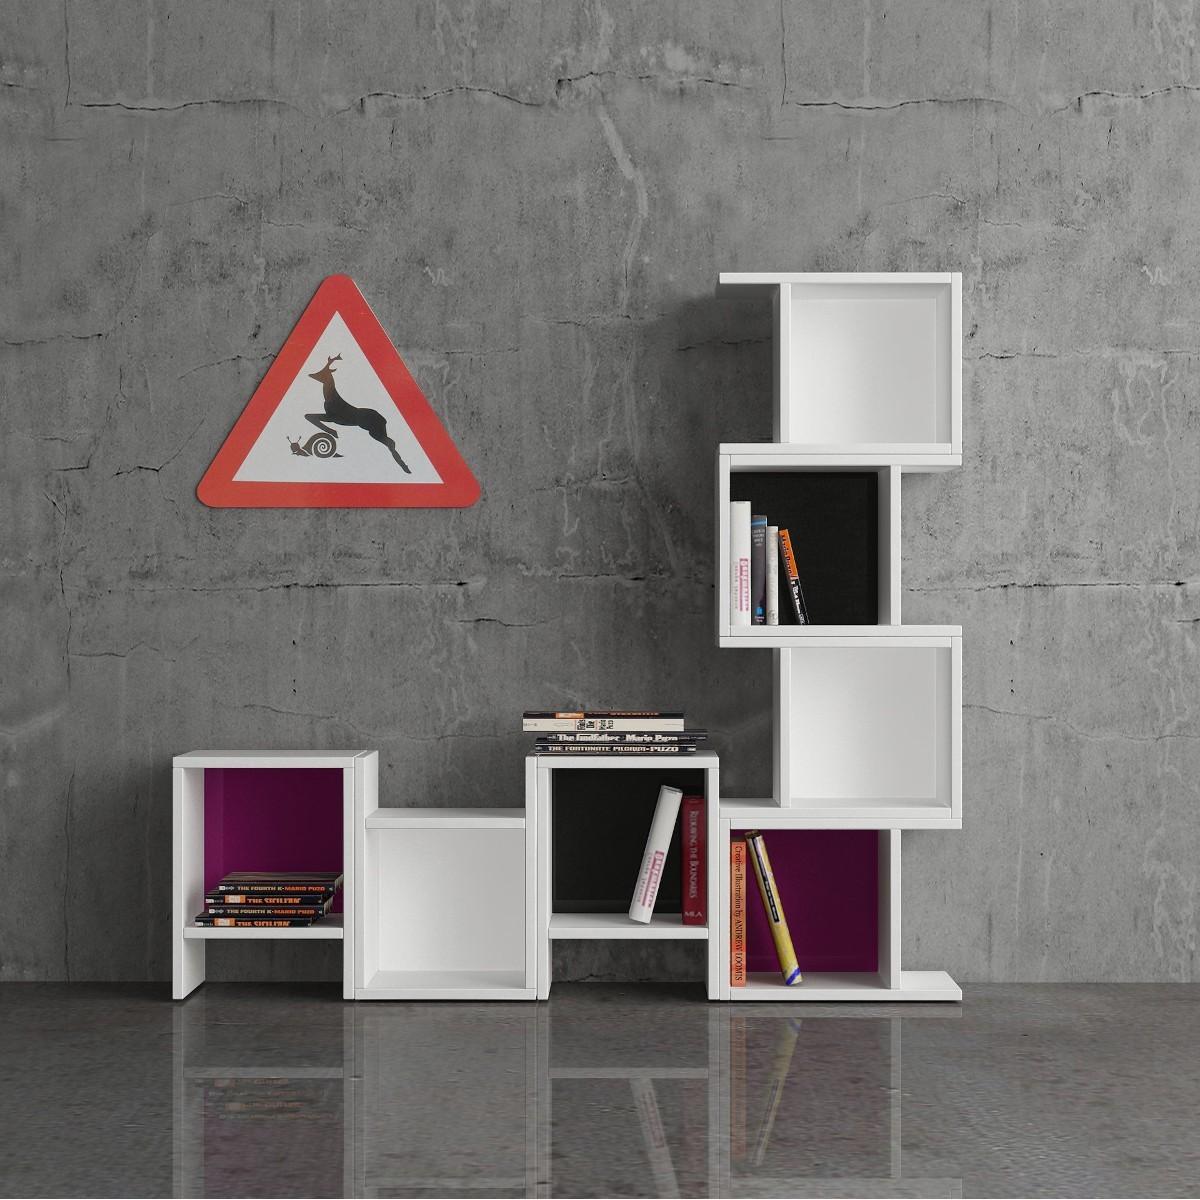 modularmix libreria componibile a cubi design moderno